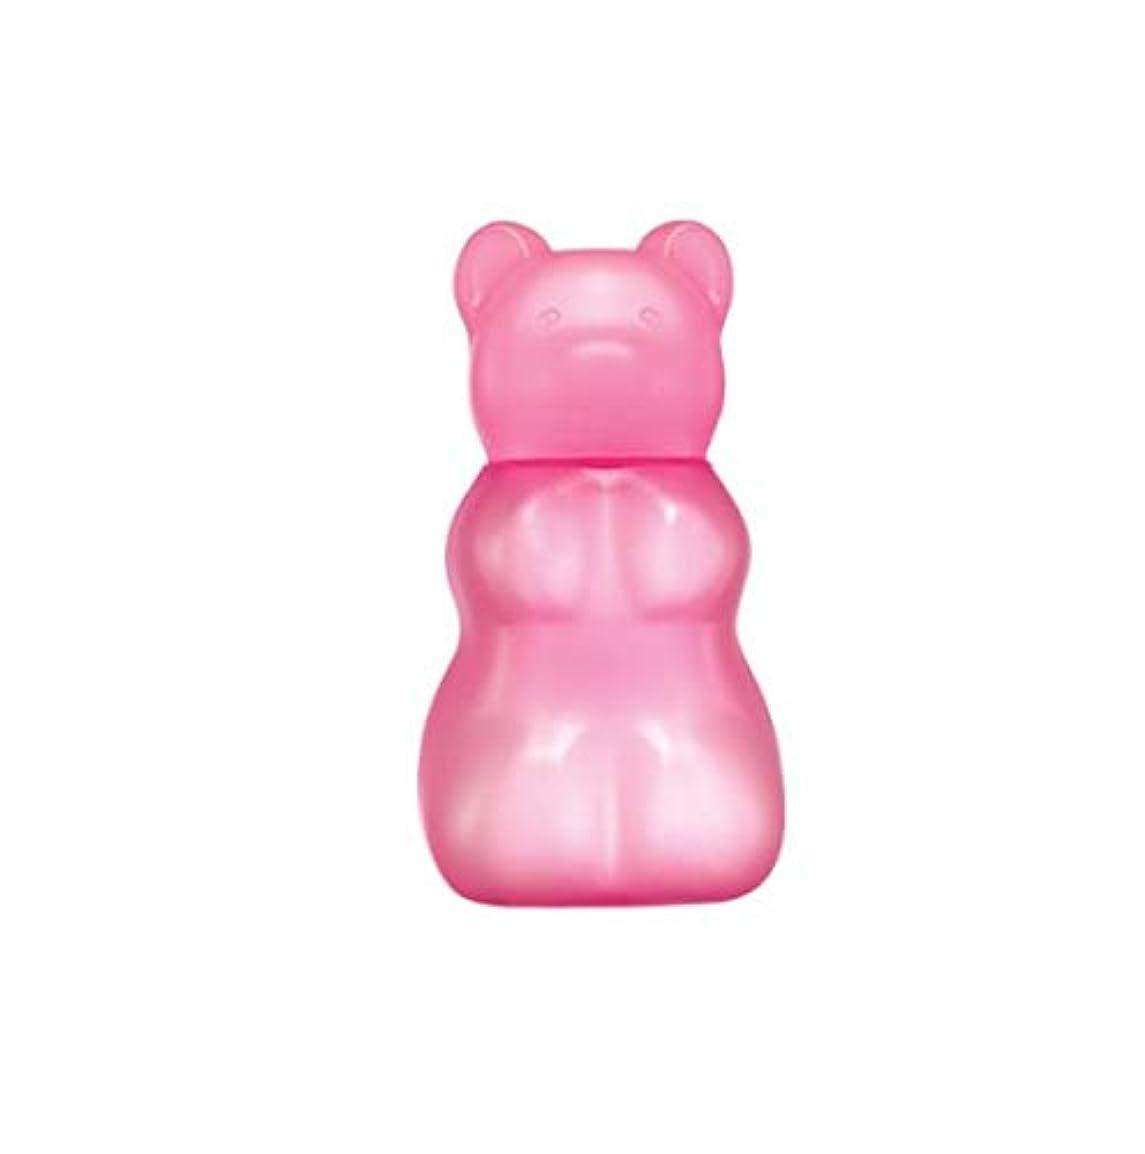 答え植物学すりSkinfood グミベアゼリークリーンジェル(アップル)#ラズベリー(ハンドジェル) / Gummy Bear Jelly Clean Gel (Apple) #Raspberry (Handgel) 45ml [並行輸入品]